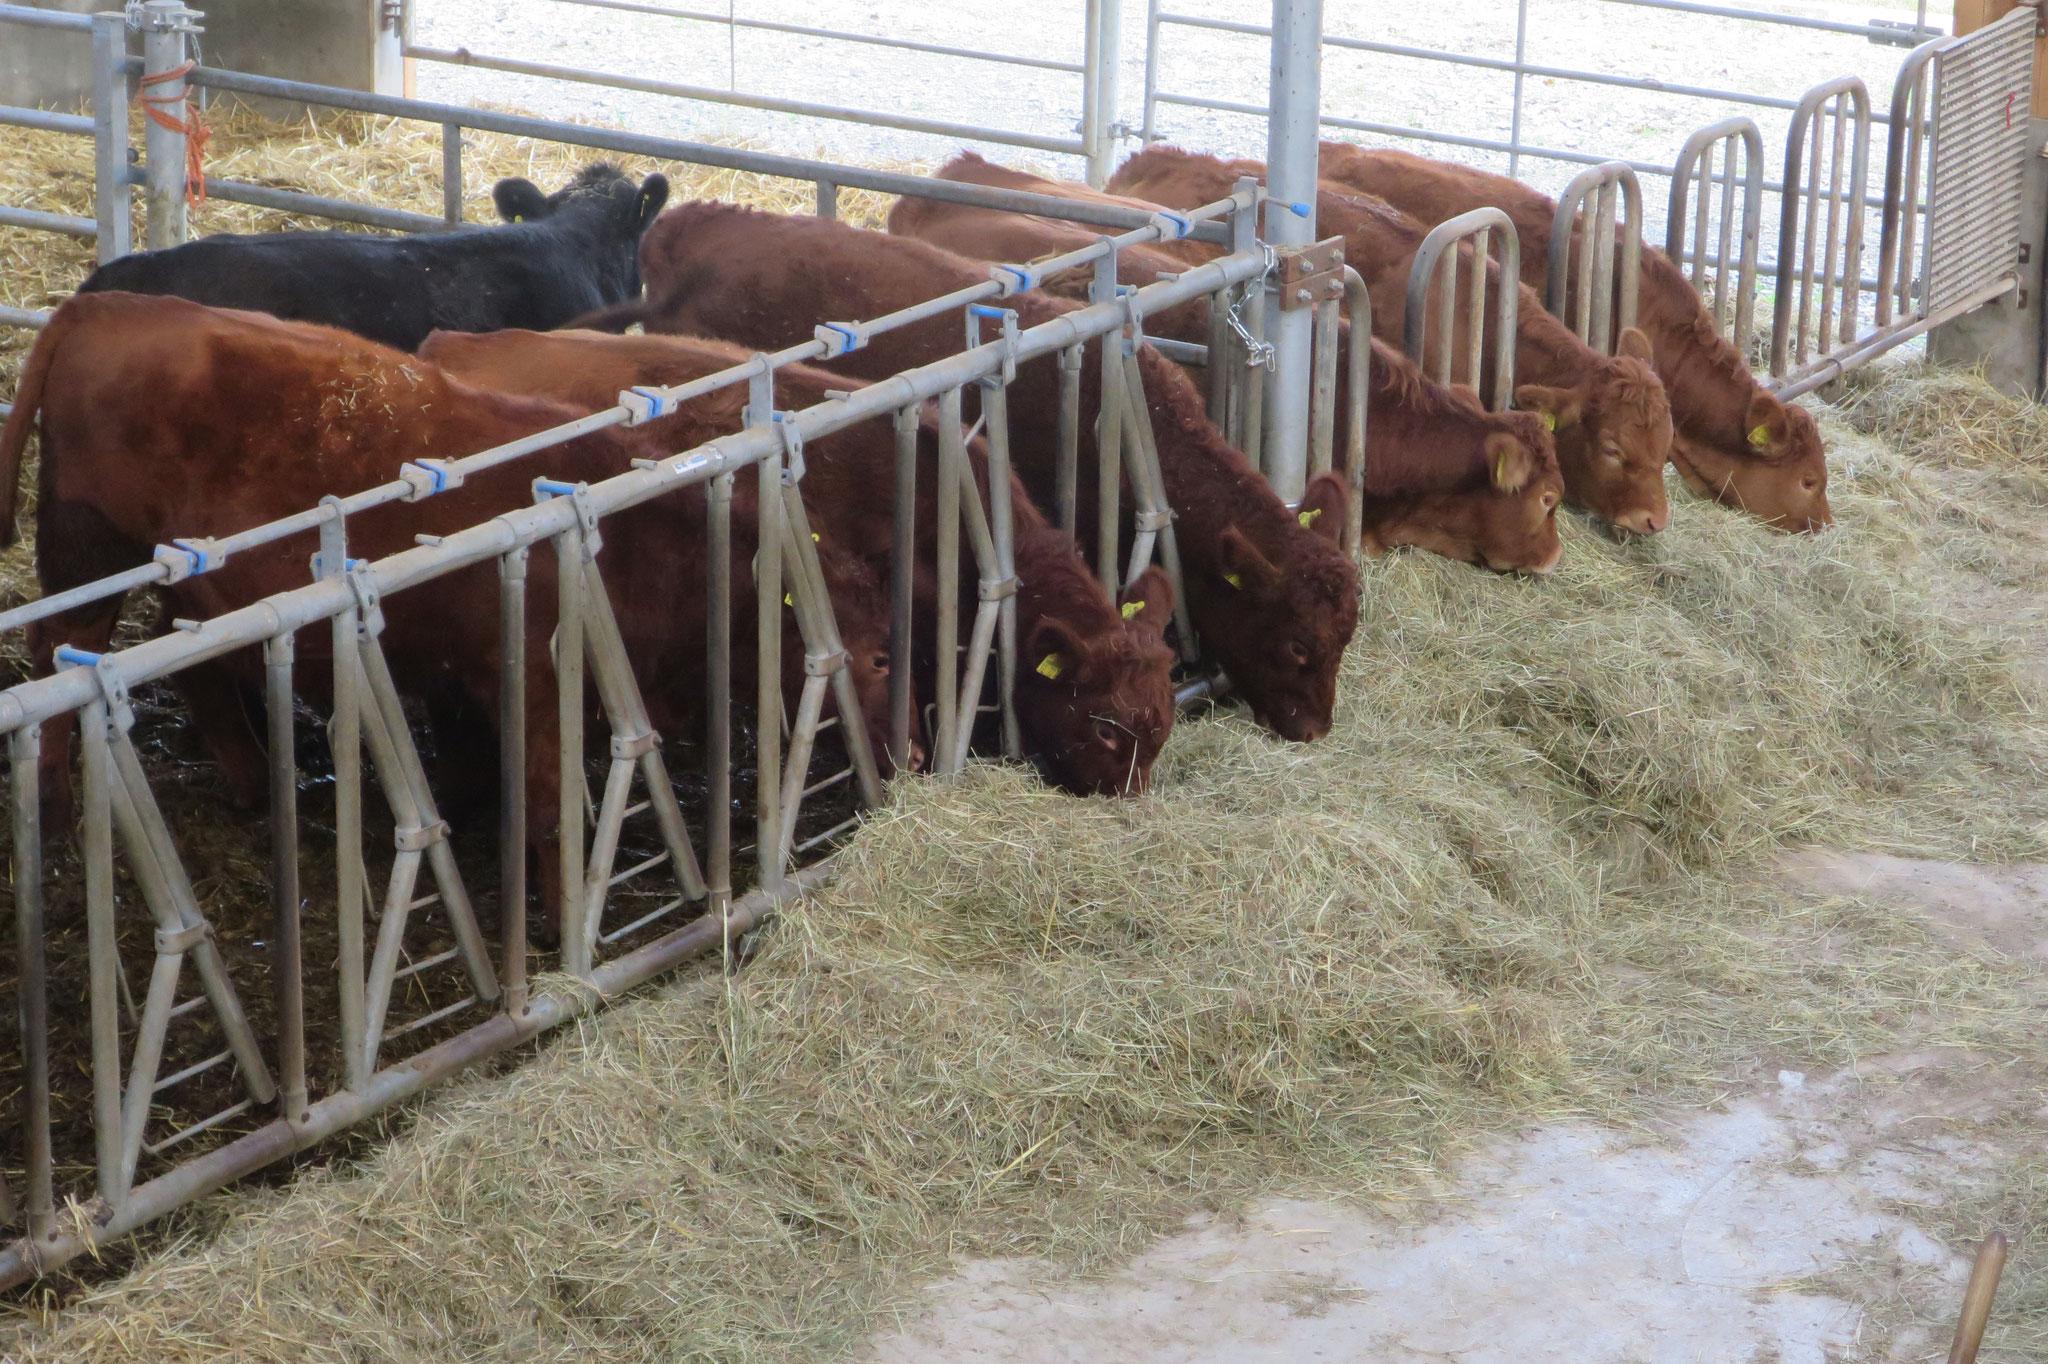 November - Neue Bewohner im Stall: 4 Angus-Färsen und 4 Limousin-Färsen.